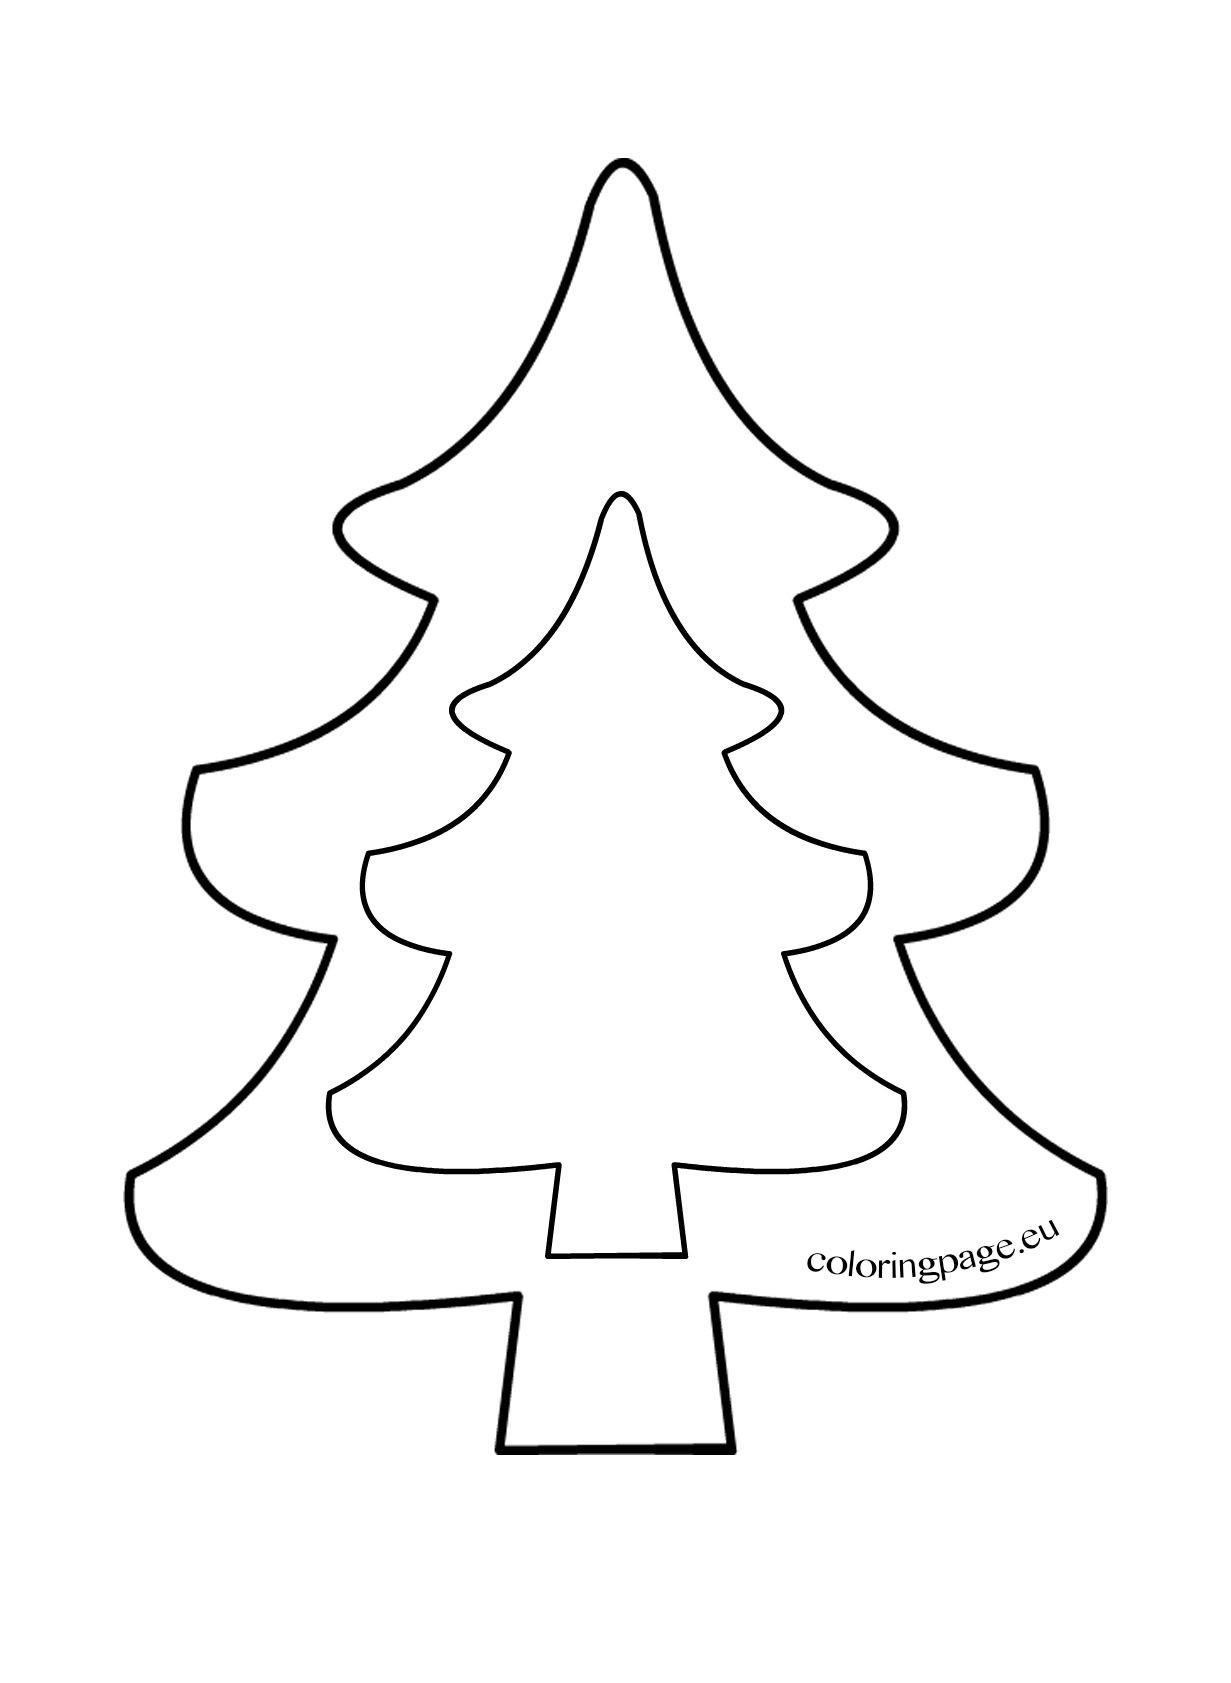 Ausmalbilder Weihnachten Tannenbaum Neu Ausmalbild Tannenbaum Einzigartig Weihnachtsbaum Vorlage Zu Sammlung